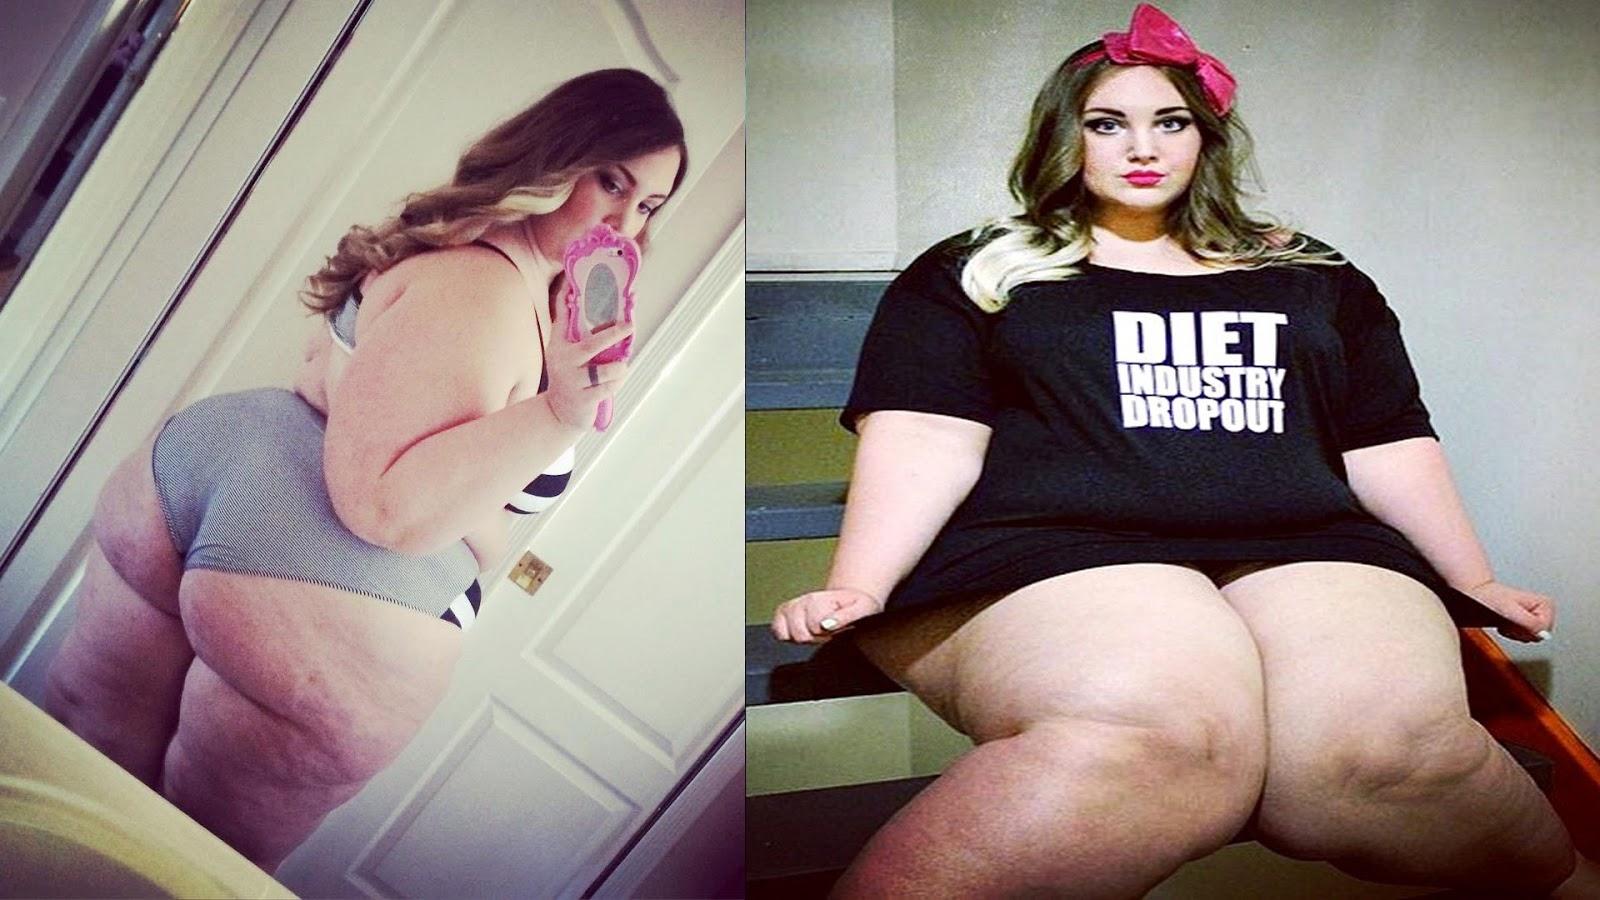 Только толстые голые бабы много фото, Порно фото толстых, Фото голых толстых баб 14 фотография